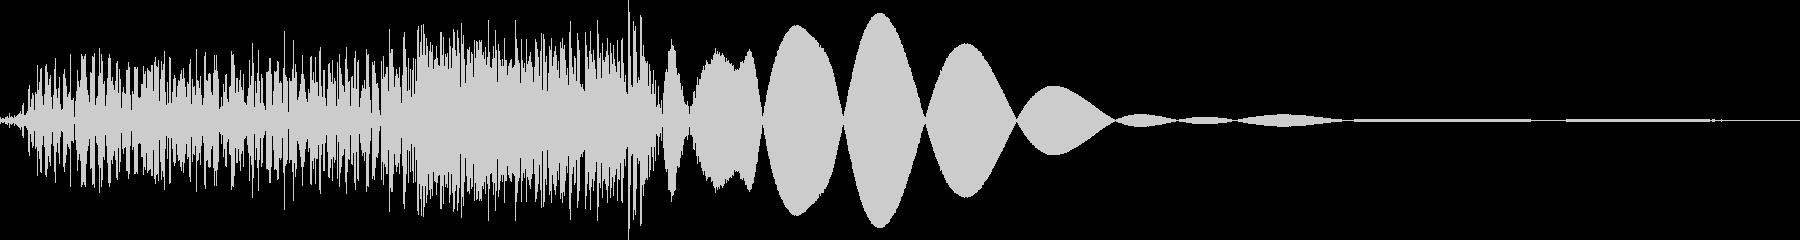 ラジオスキャンの未再生の波形